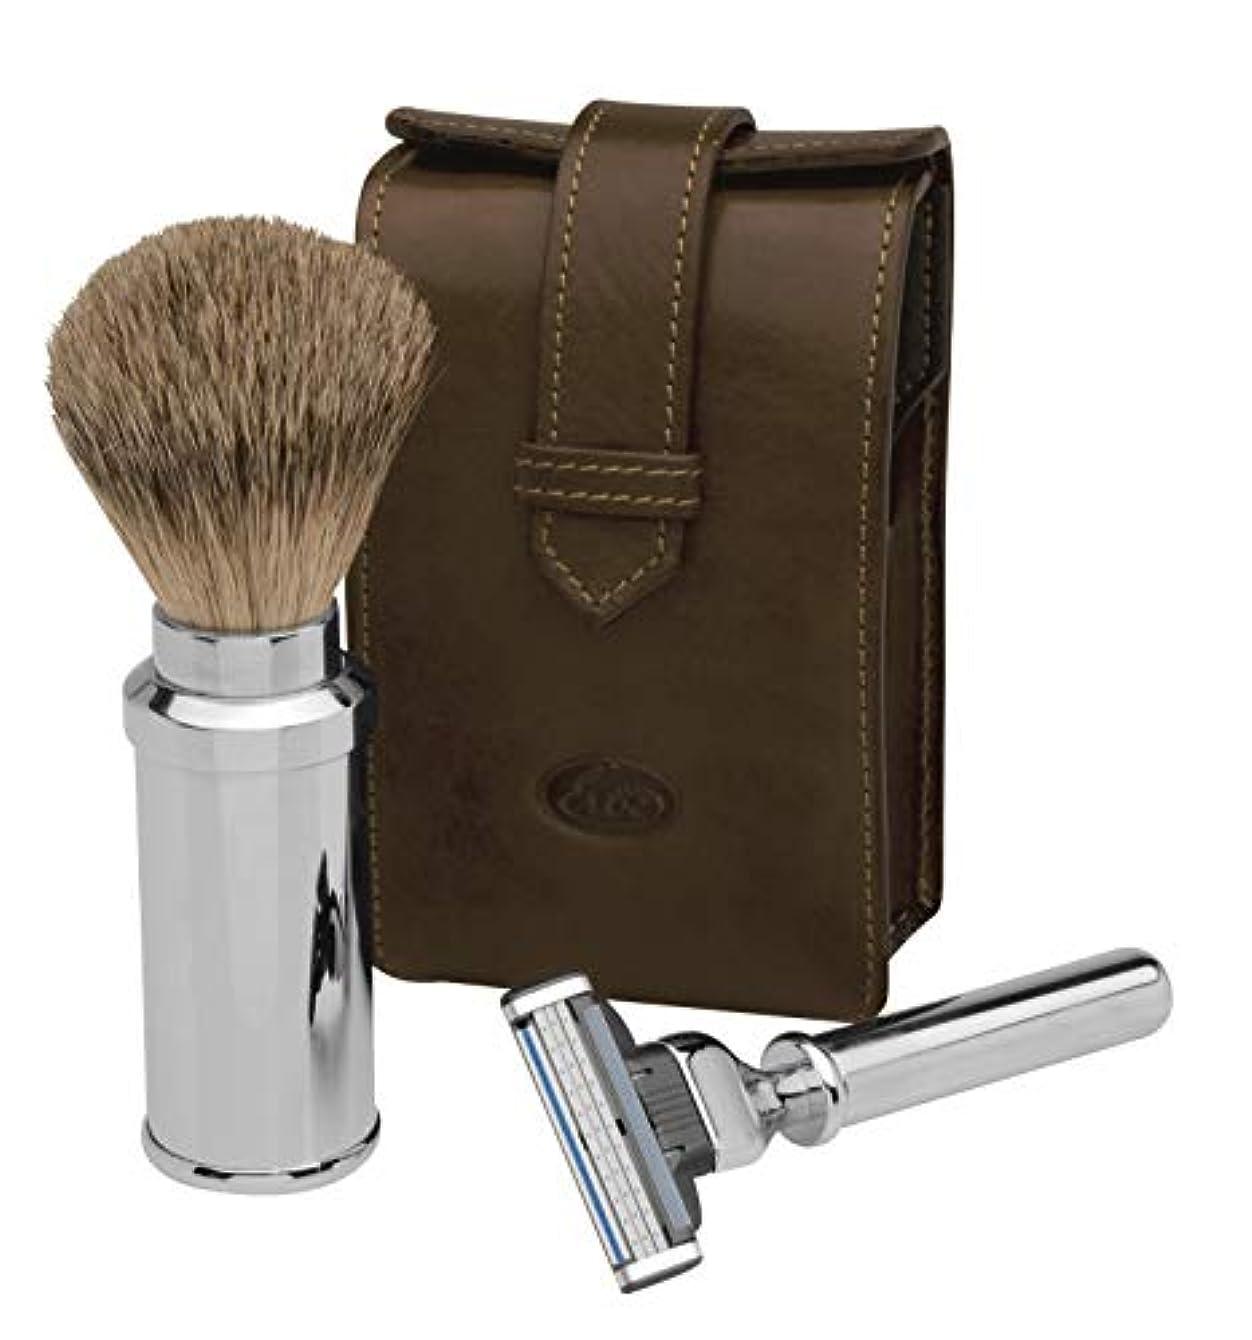 メタルライン革命的台無しにErbe Travel Shaving Set, Razor and Shaving Brush in brown Leather Pocket